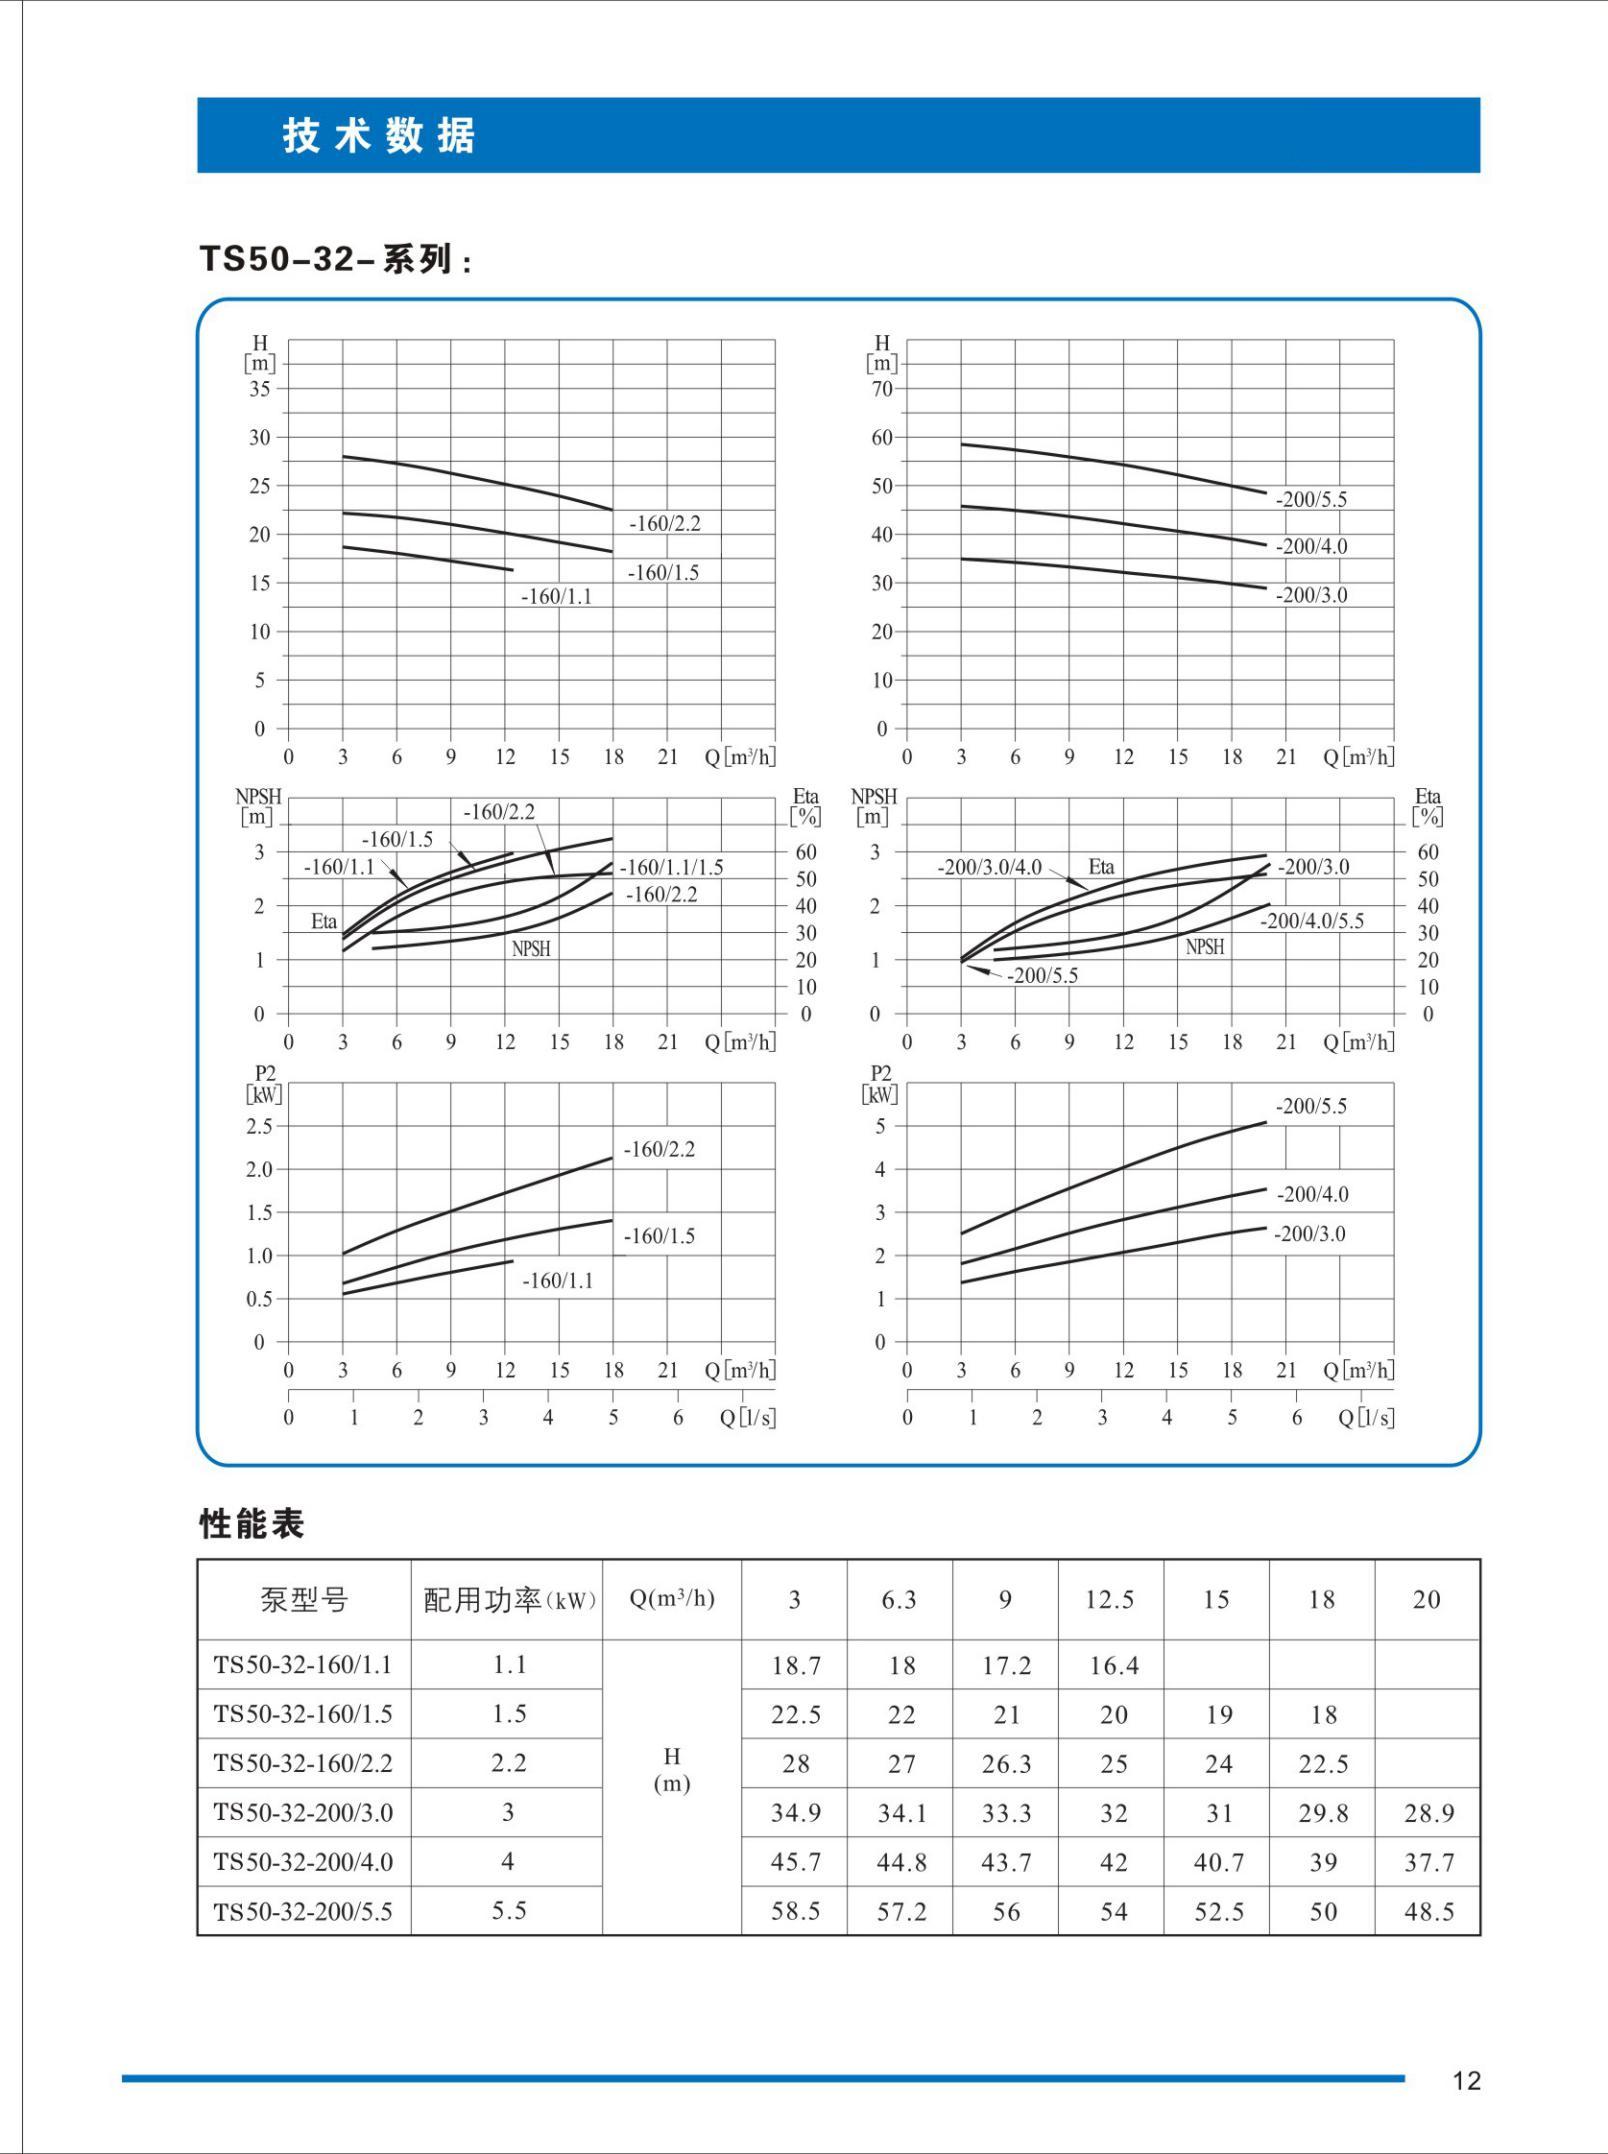 TS型不锈钢卧式单级离心泵性能和技术数据